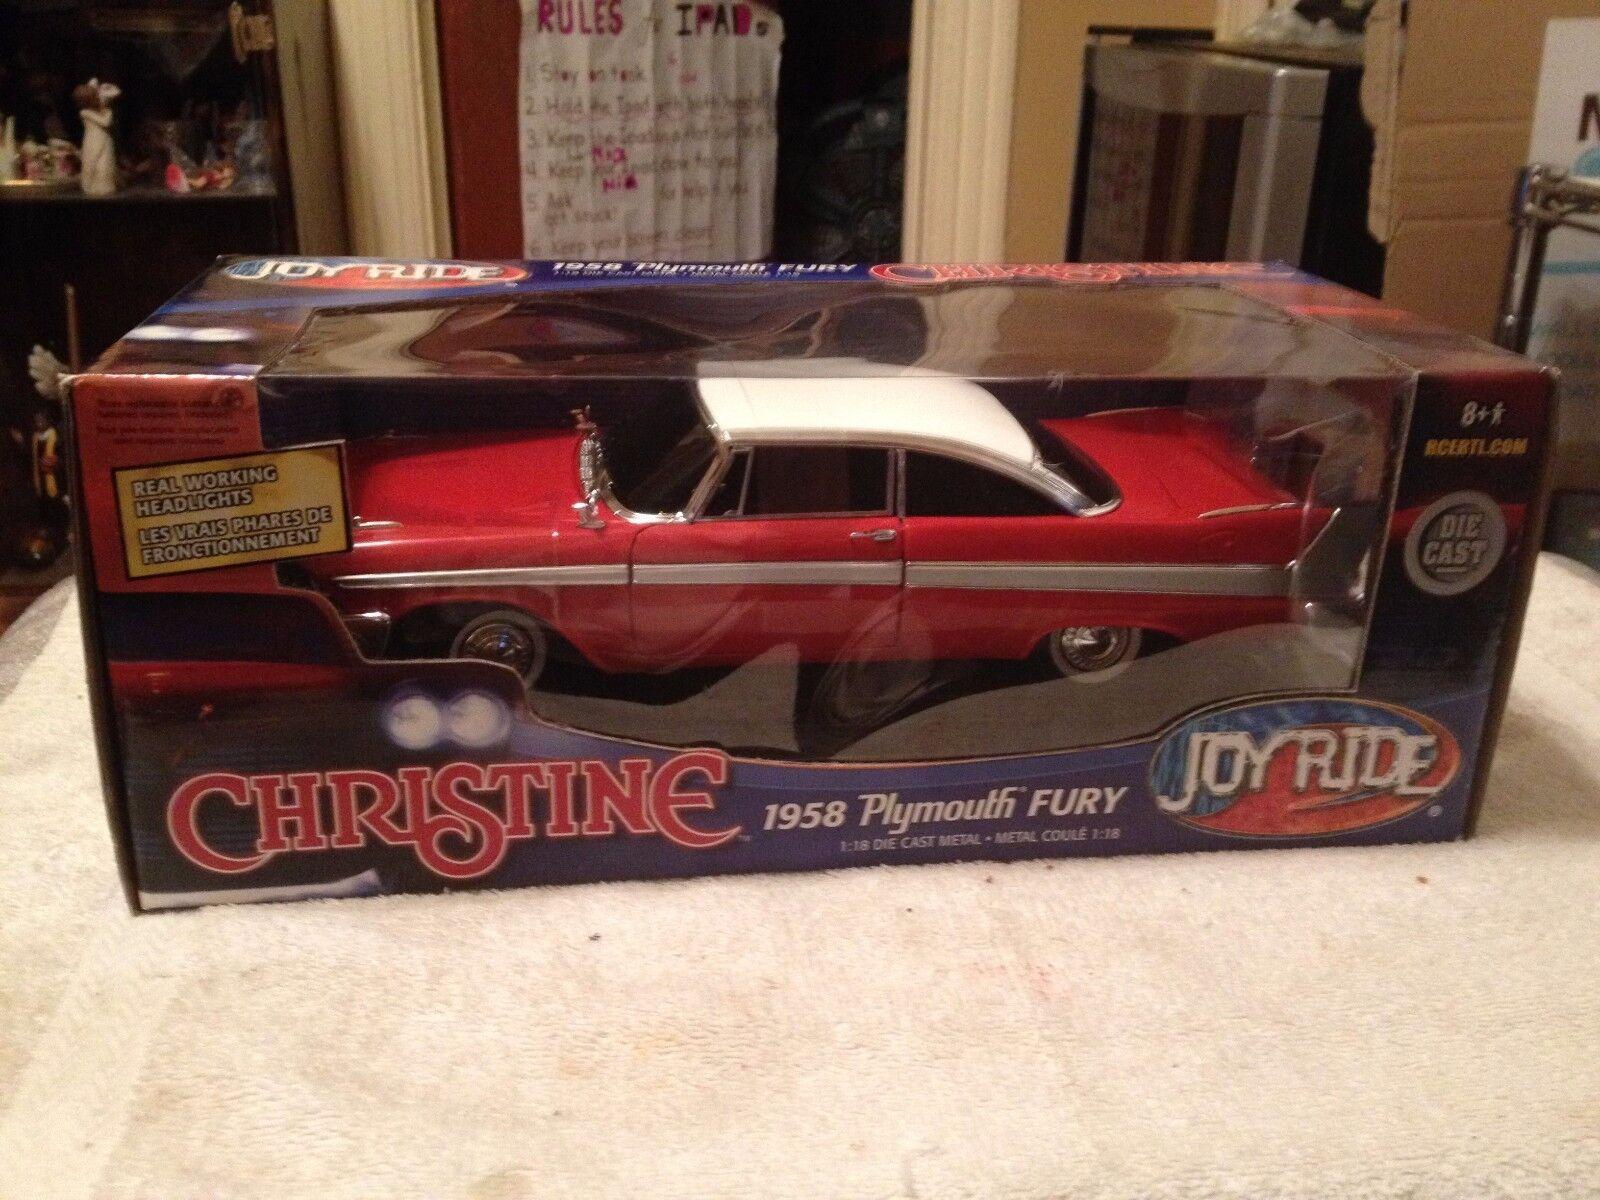 directo de fábrica 1958 Plymouth Fury  Christine  Rojo Rojo Rojo blancoo 1 9996. Ertl authentics  súper Raro   precios al por mayor